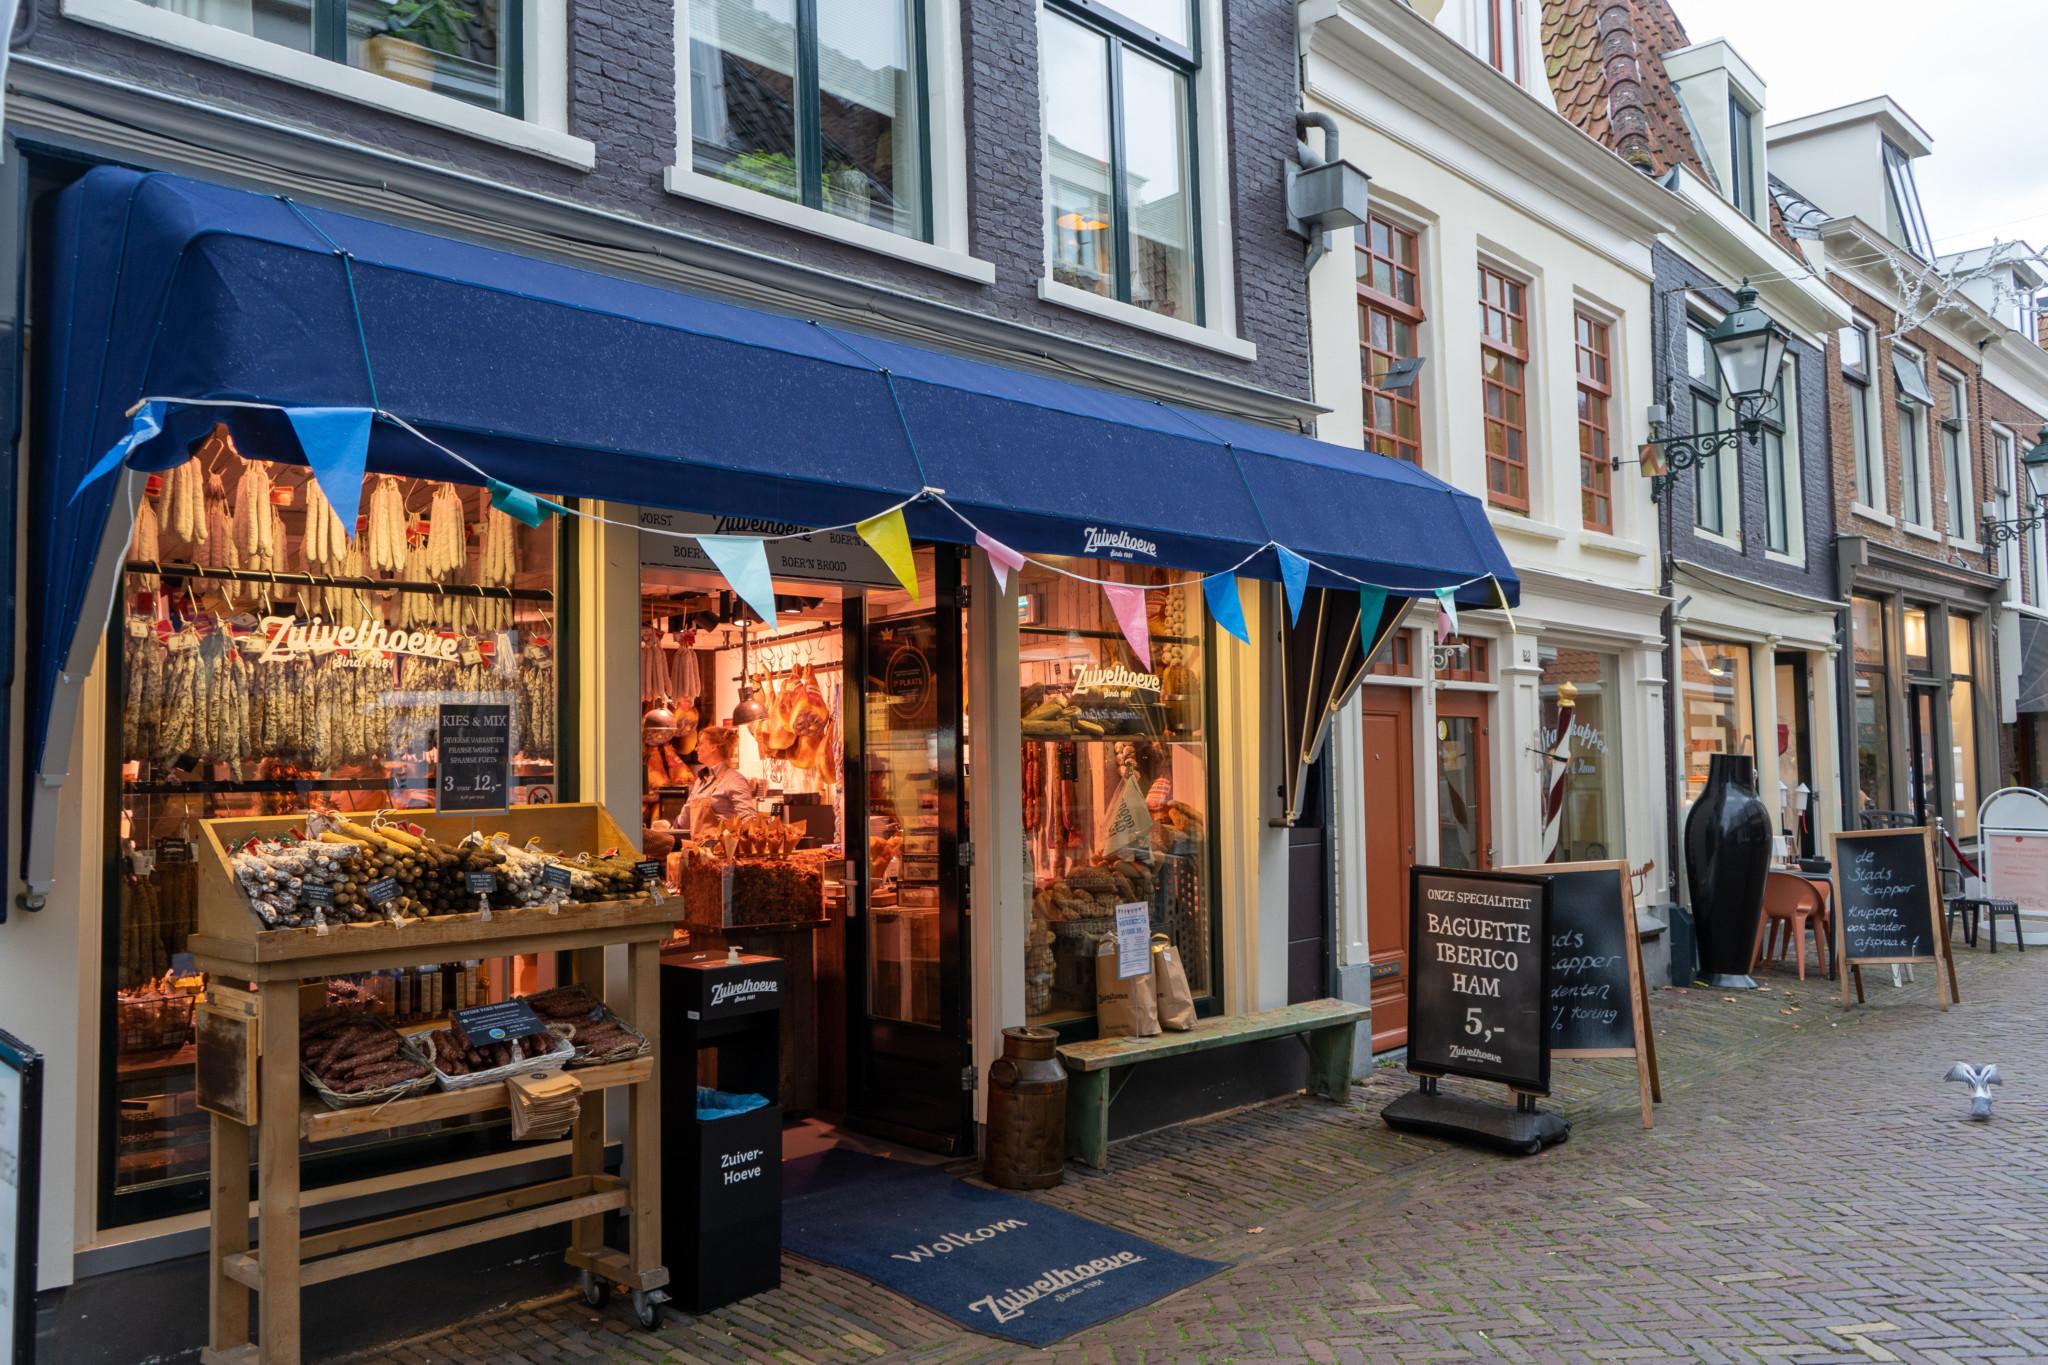 Shopping in der Kleinen Kerkstraat in Leeuwarden